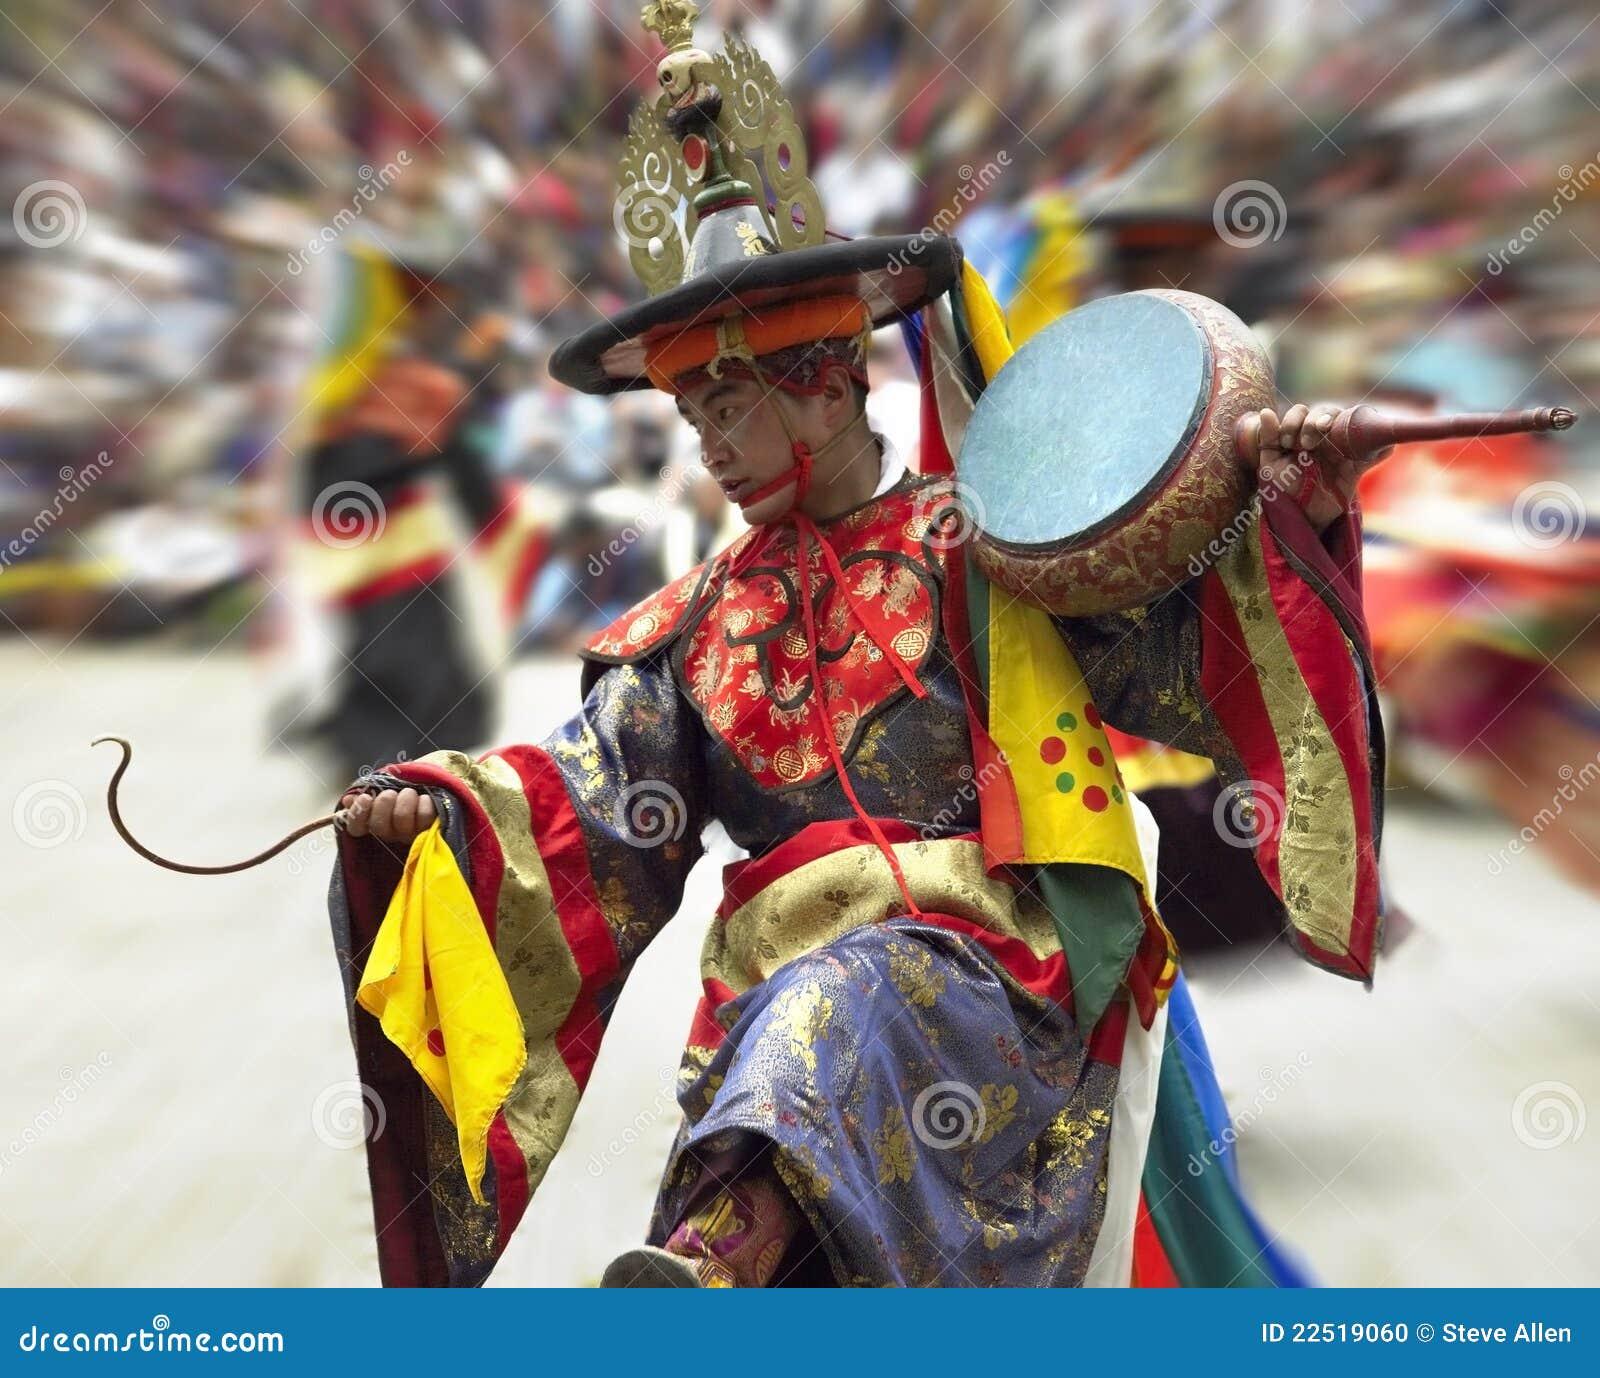 Bhutan - Paro Tsechu